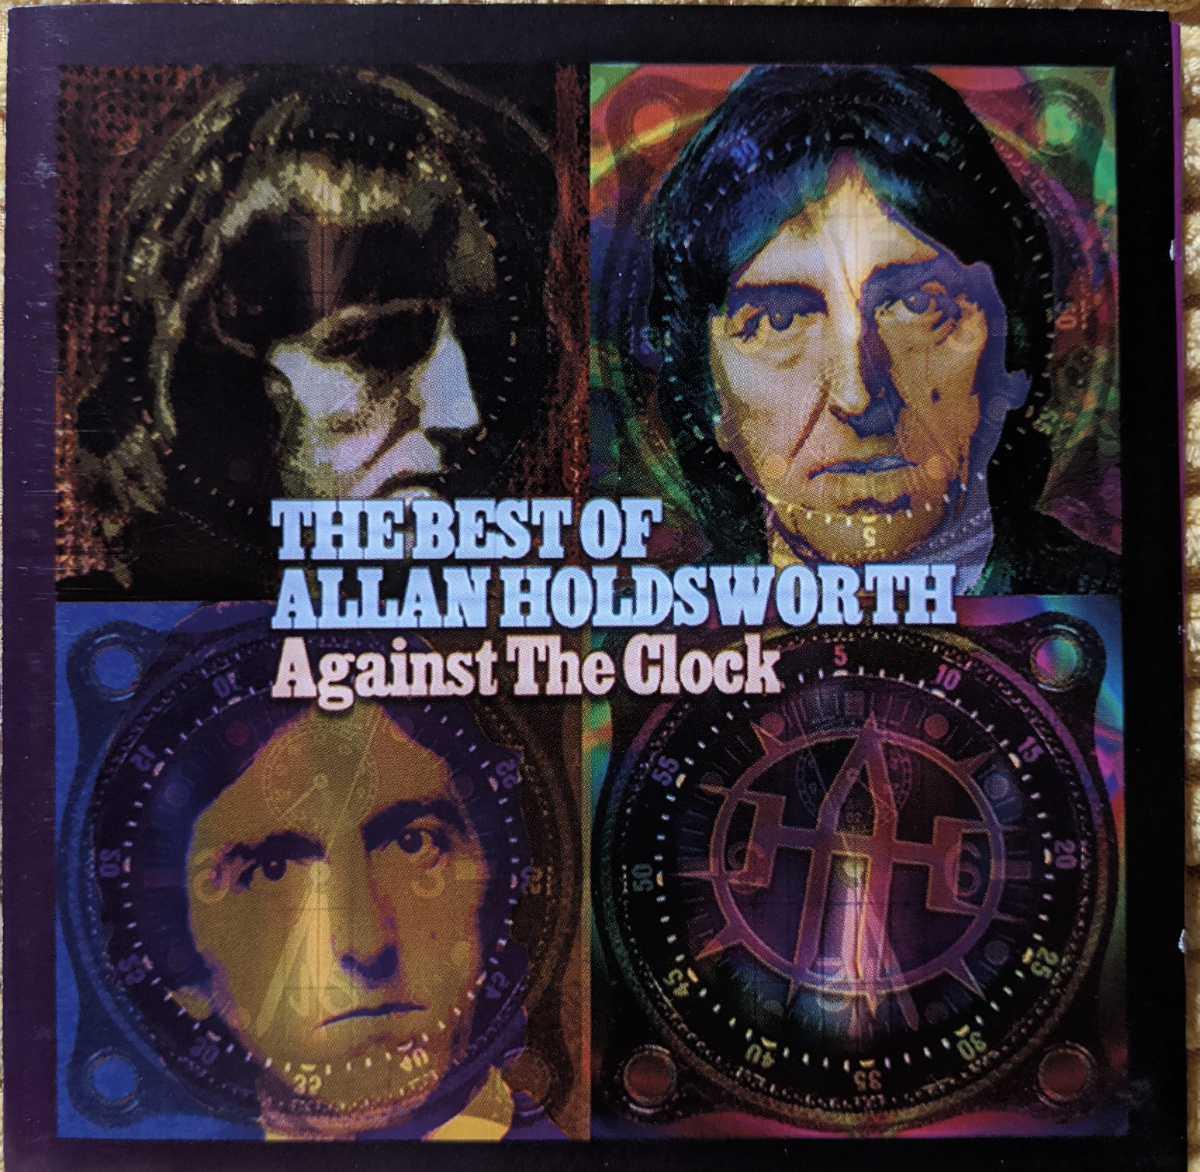 【2枚組】Allan Holdsworth / The Best Of Allan Holdsworth against The Clock / CR780-2 / 3760145927804 / アラン・ホールズワース_画像1